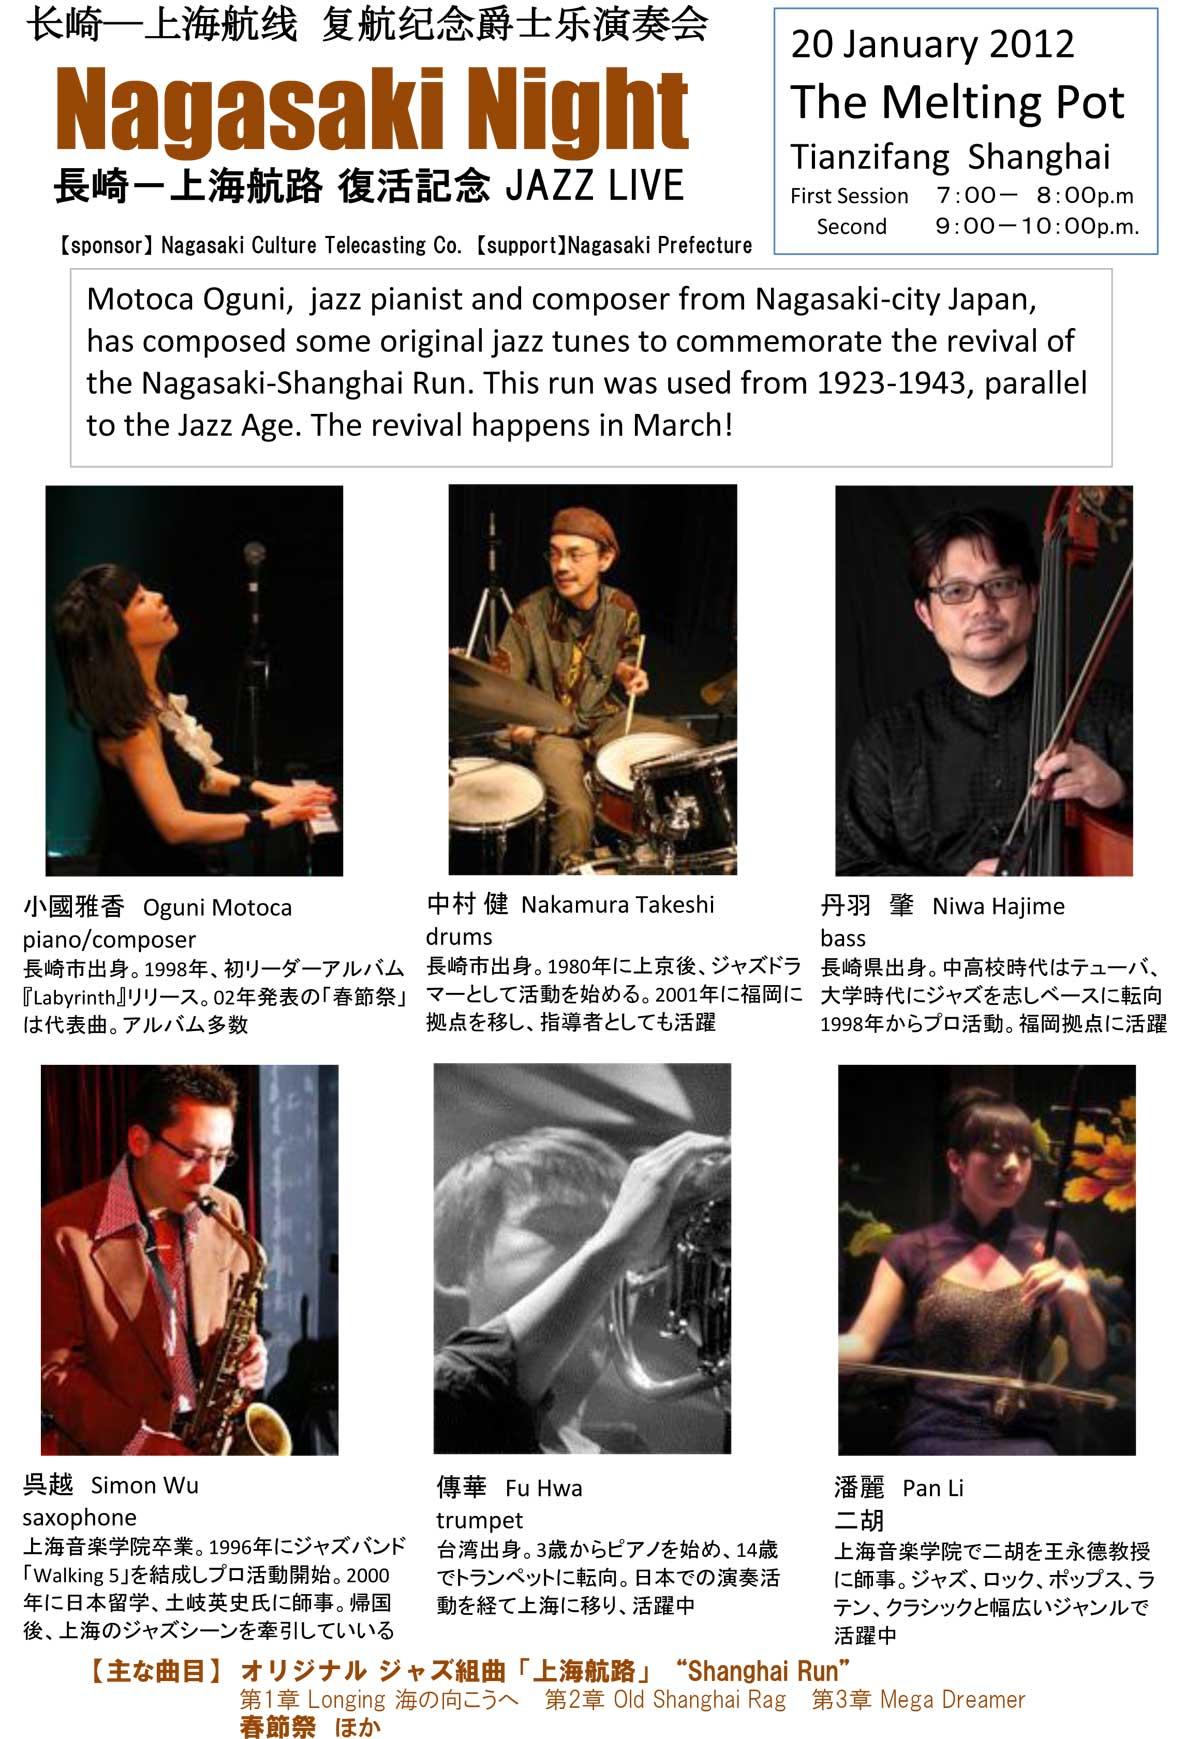 上海航路復活記念ライブのお知らせ_d0052485_2257555.jpg